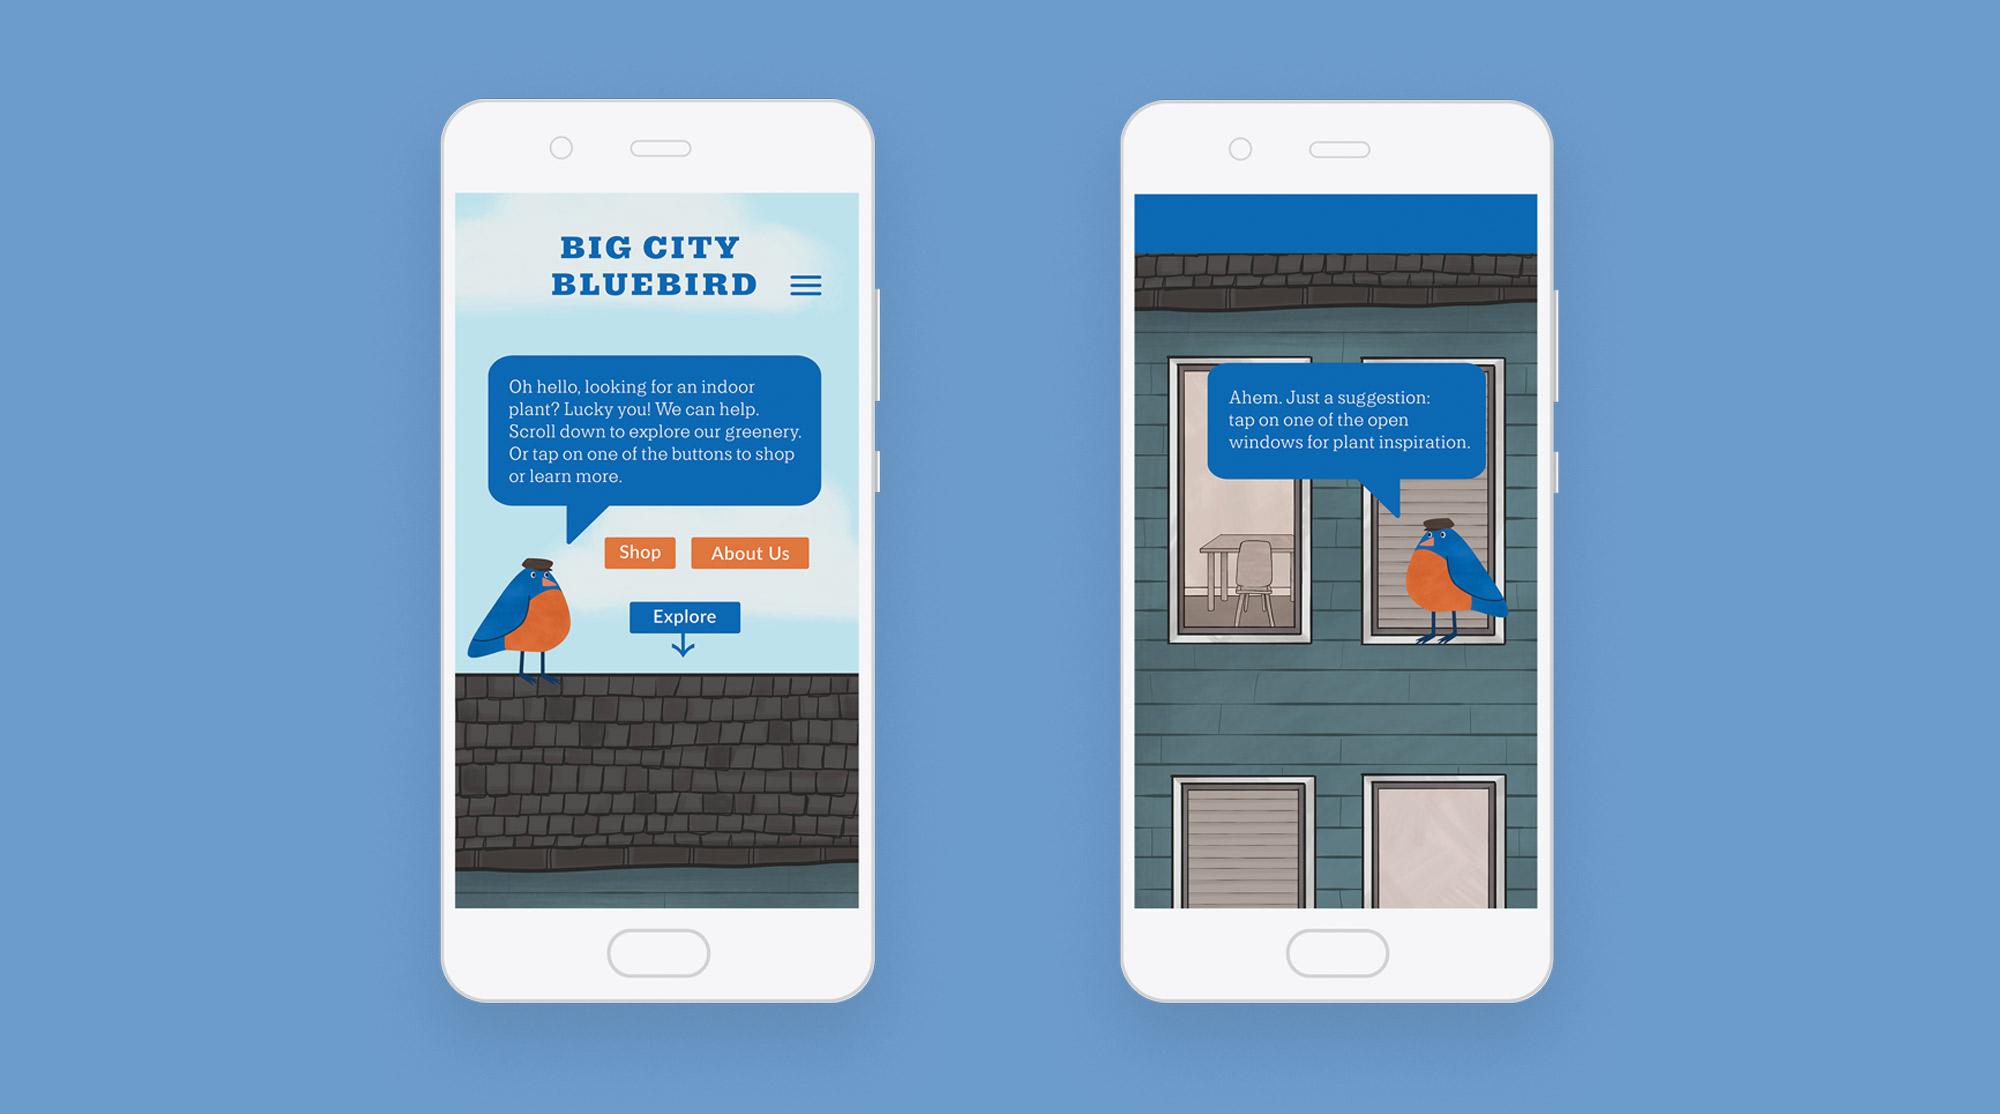 Big City Bluebird website home page